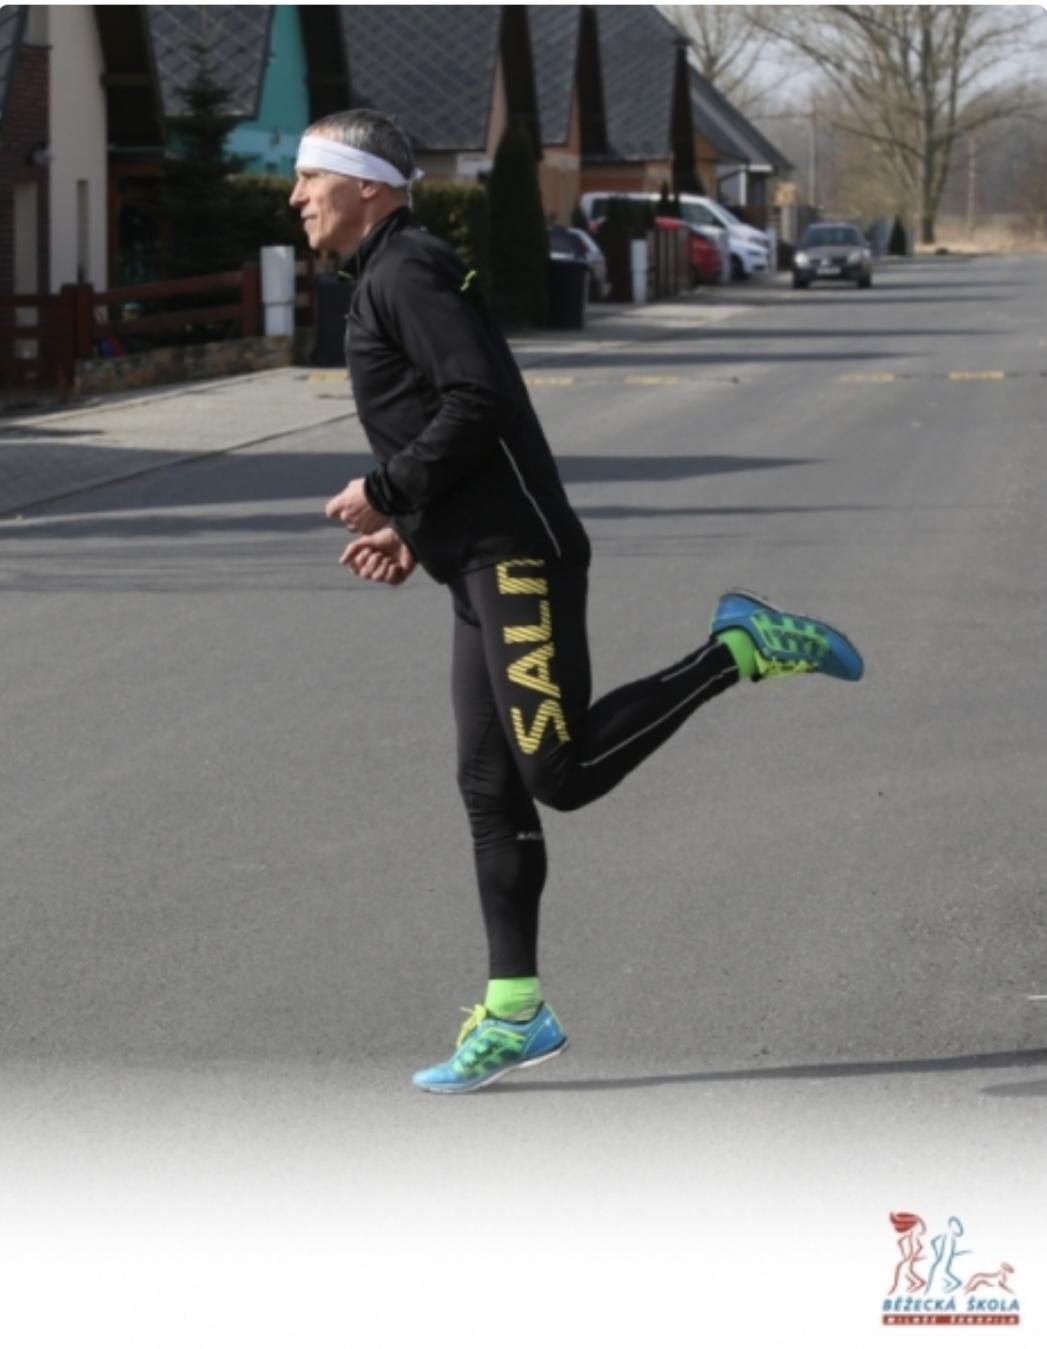 Přirozený běžecký styl se dokáže naučit každý zakopni a leť